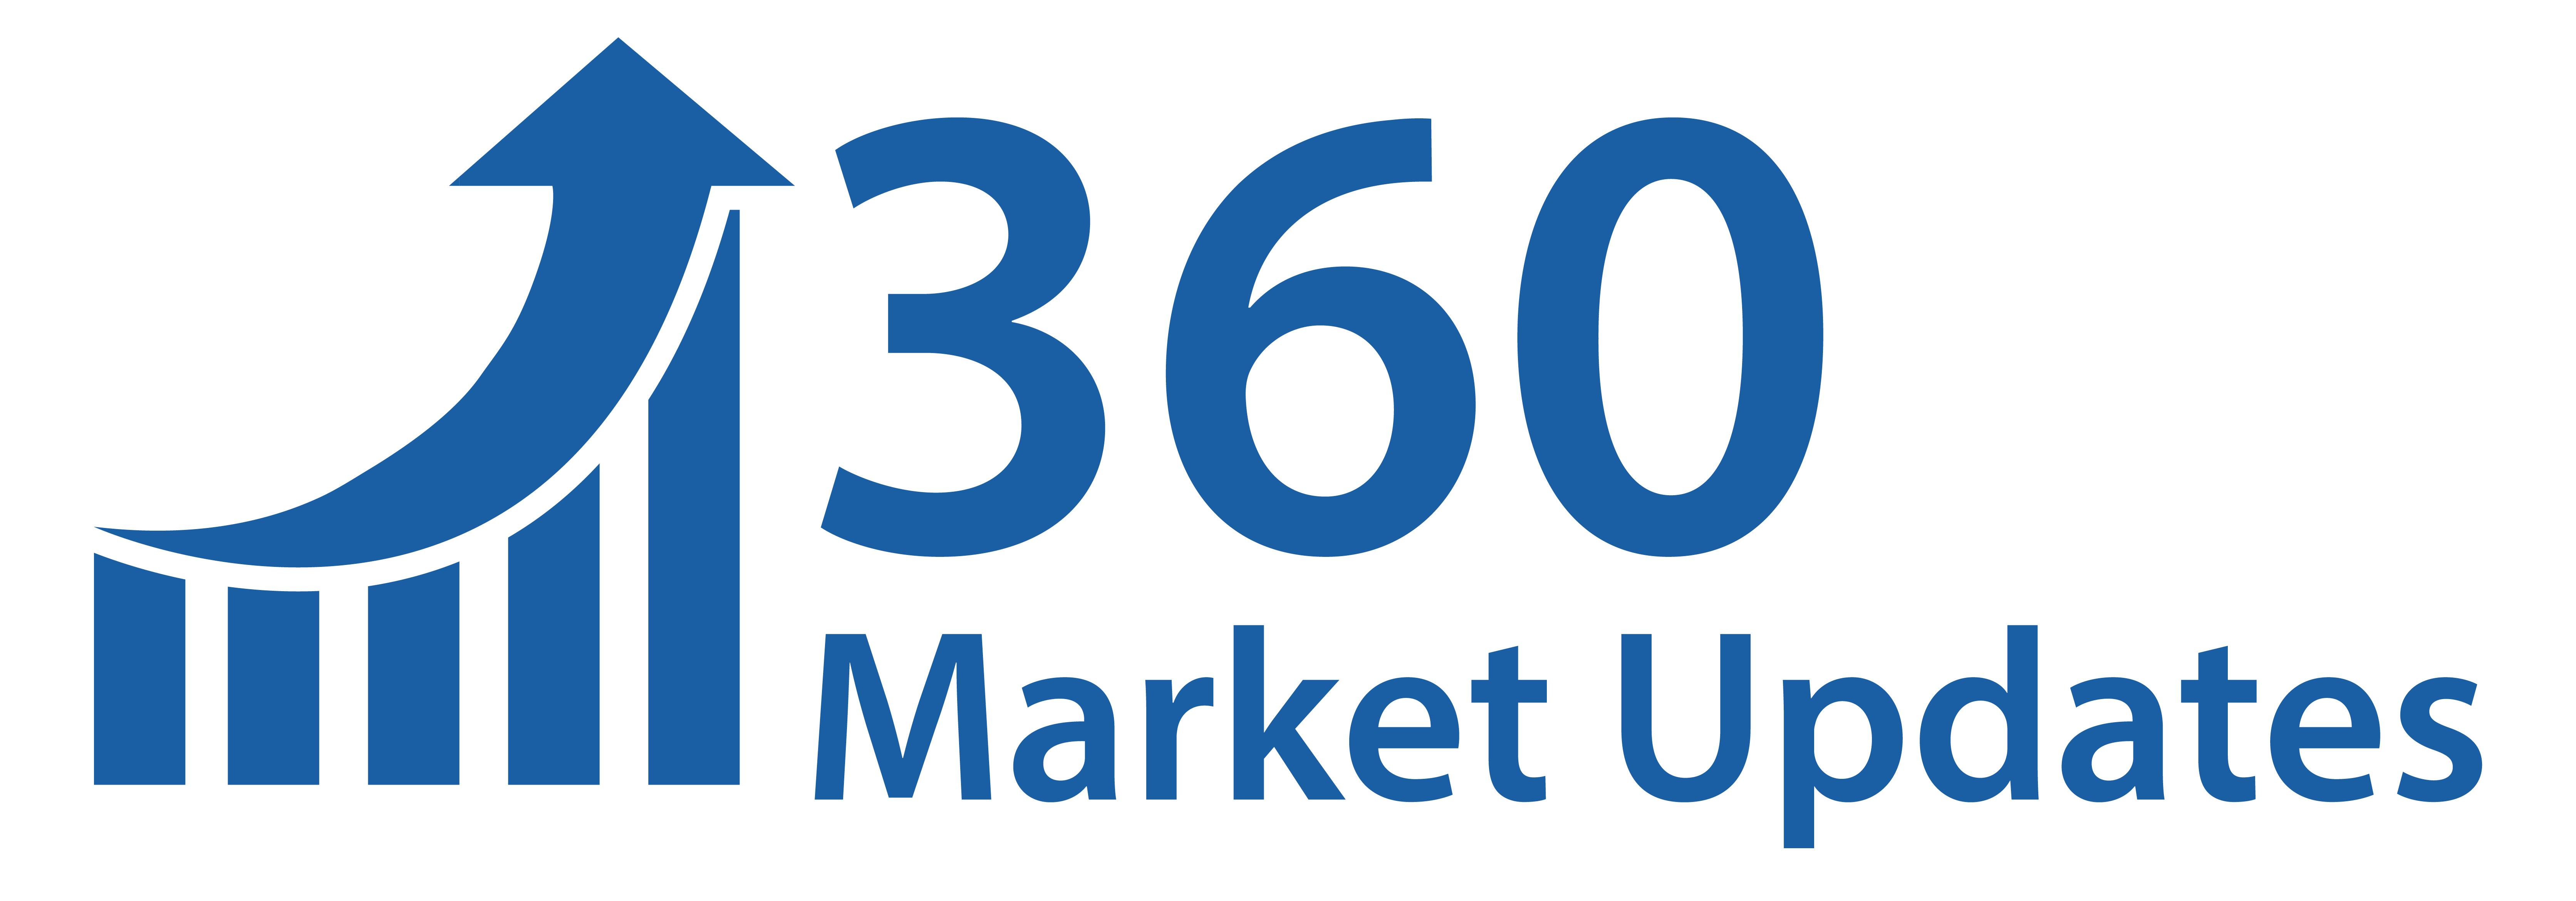 Filter-, Regulator- und Schmierstoff-Baugruppenmarkt 2020 – Industrienachfrage, Aktie, Größe, Zukunftstrends, Wachstumschancen, Schlüsselakteure, Anwendung, Nachfrage, Branchenforschungsbericht nach Regionalprognose bis 2024